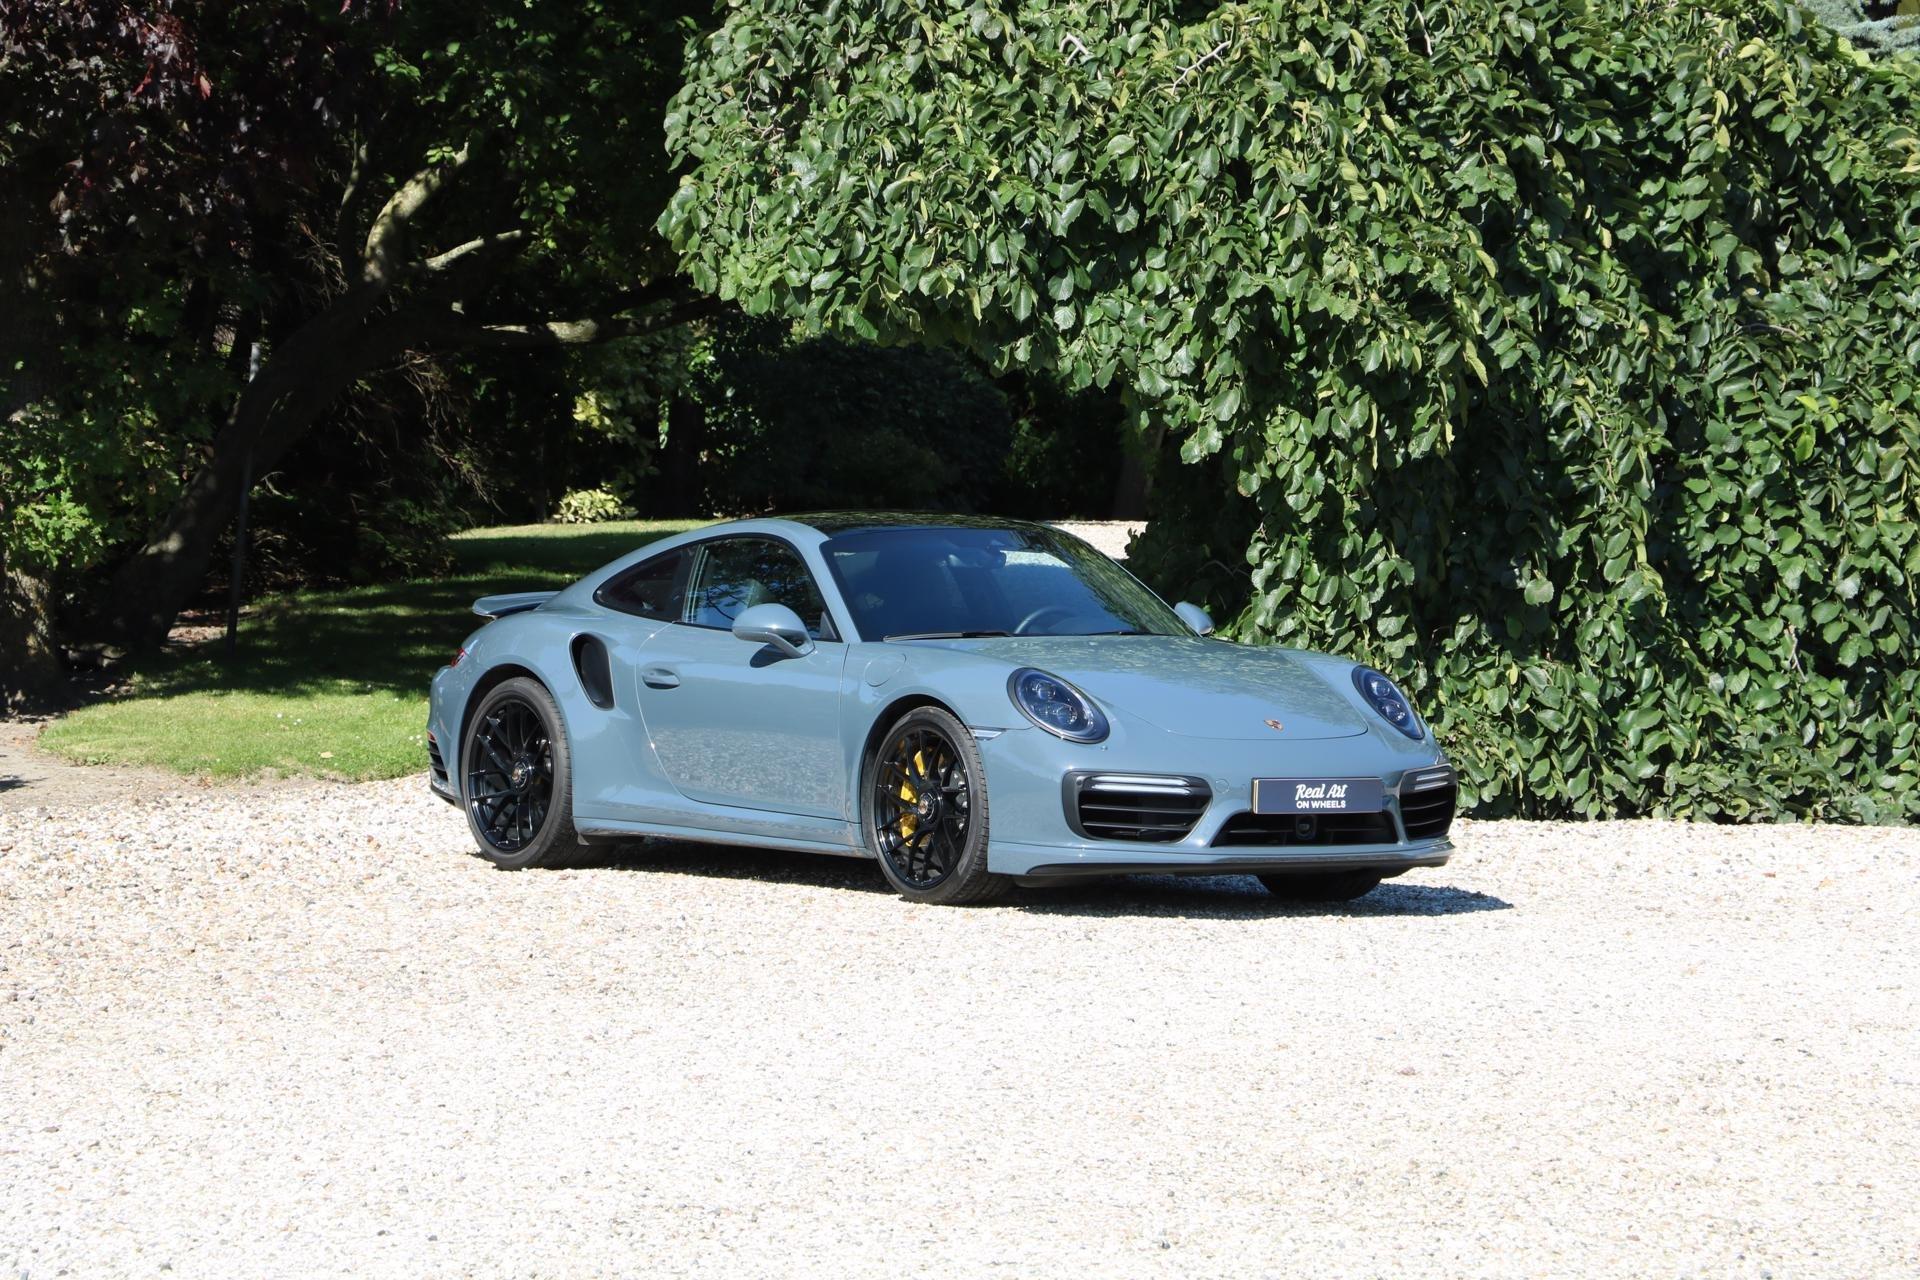 Real Art on Wheels | Porsche 991 Turbo S